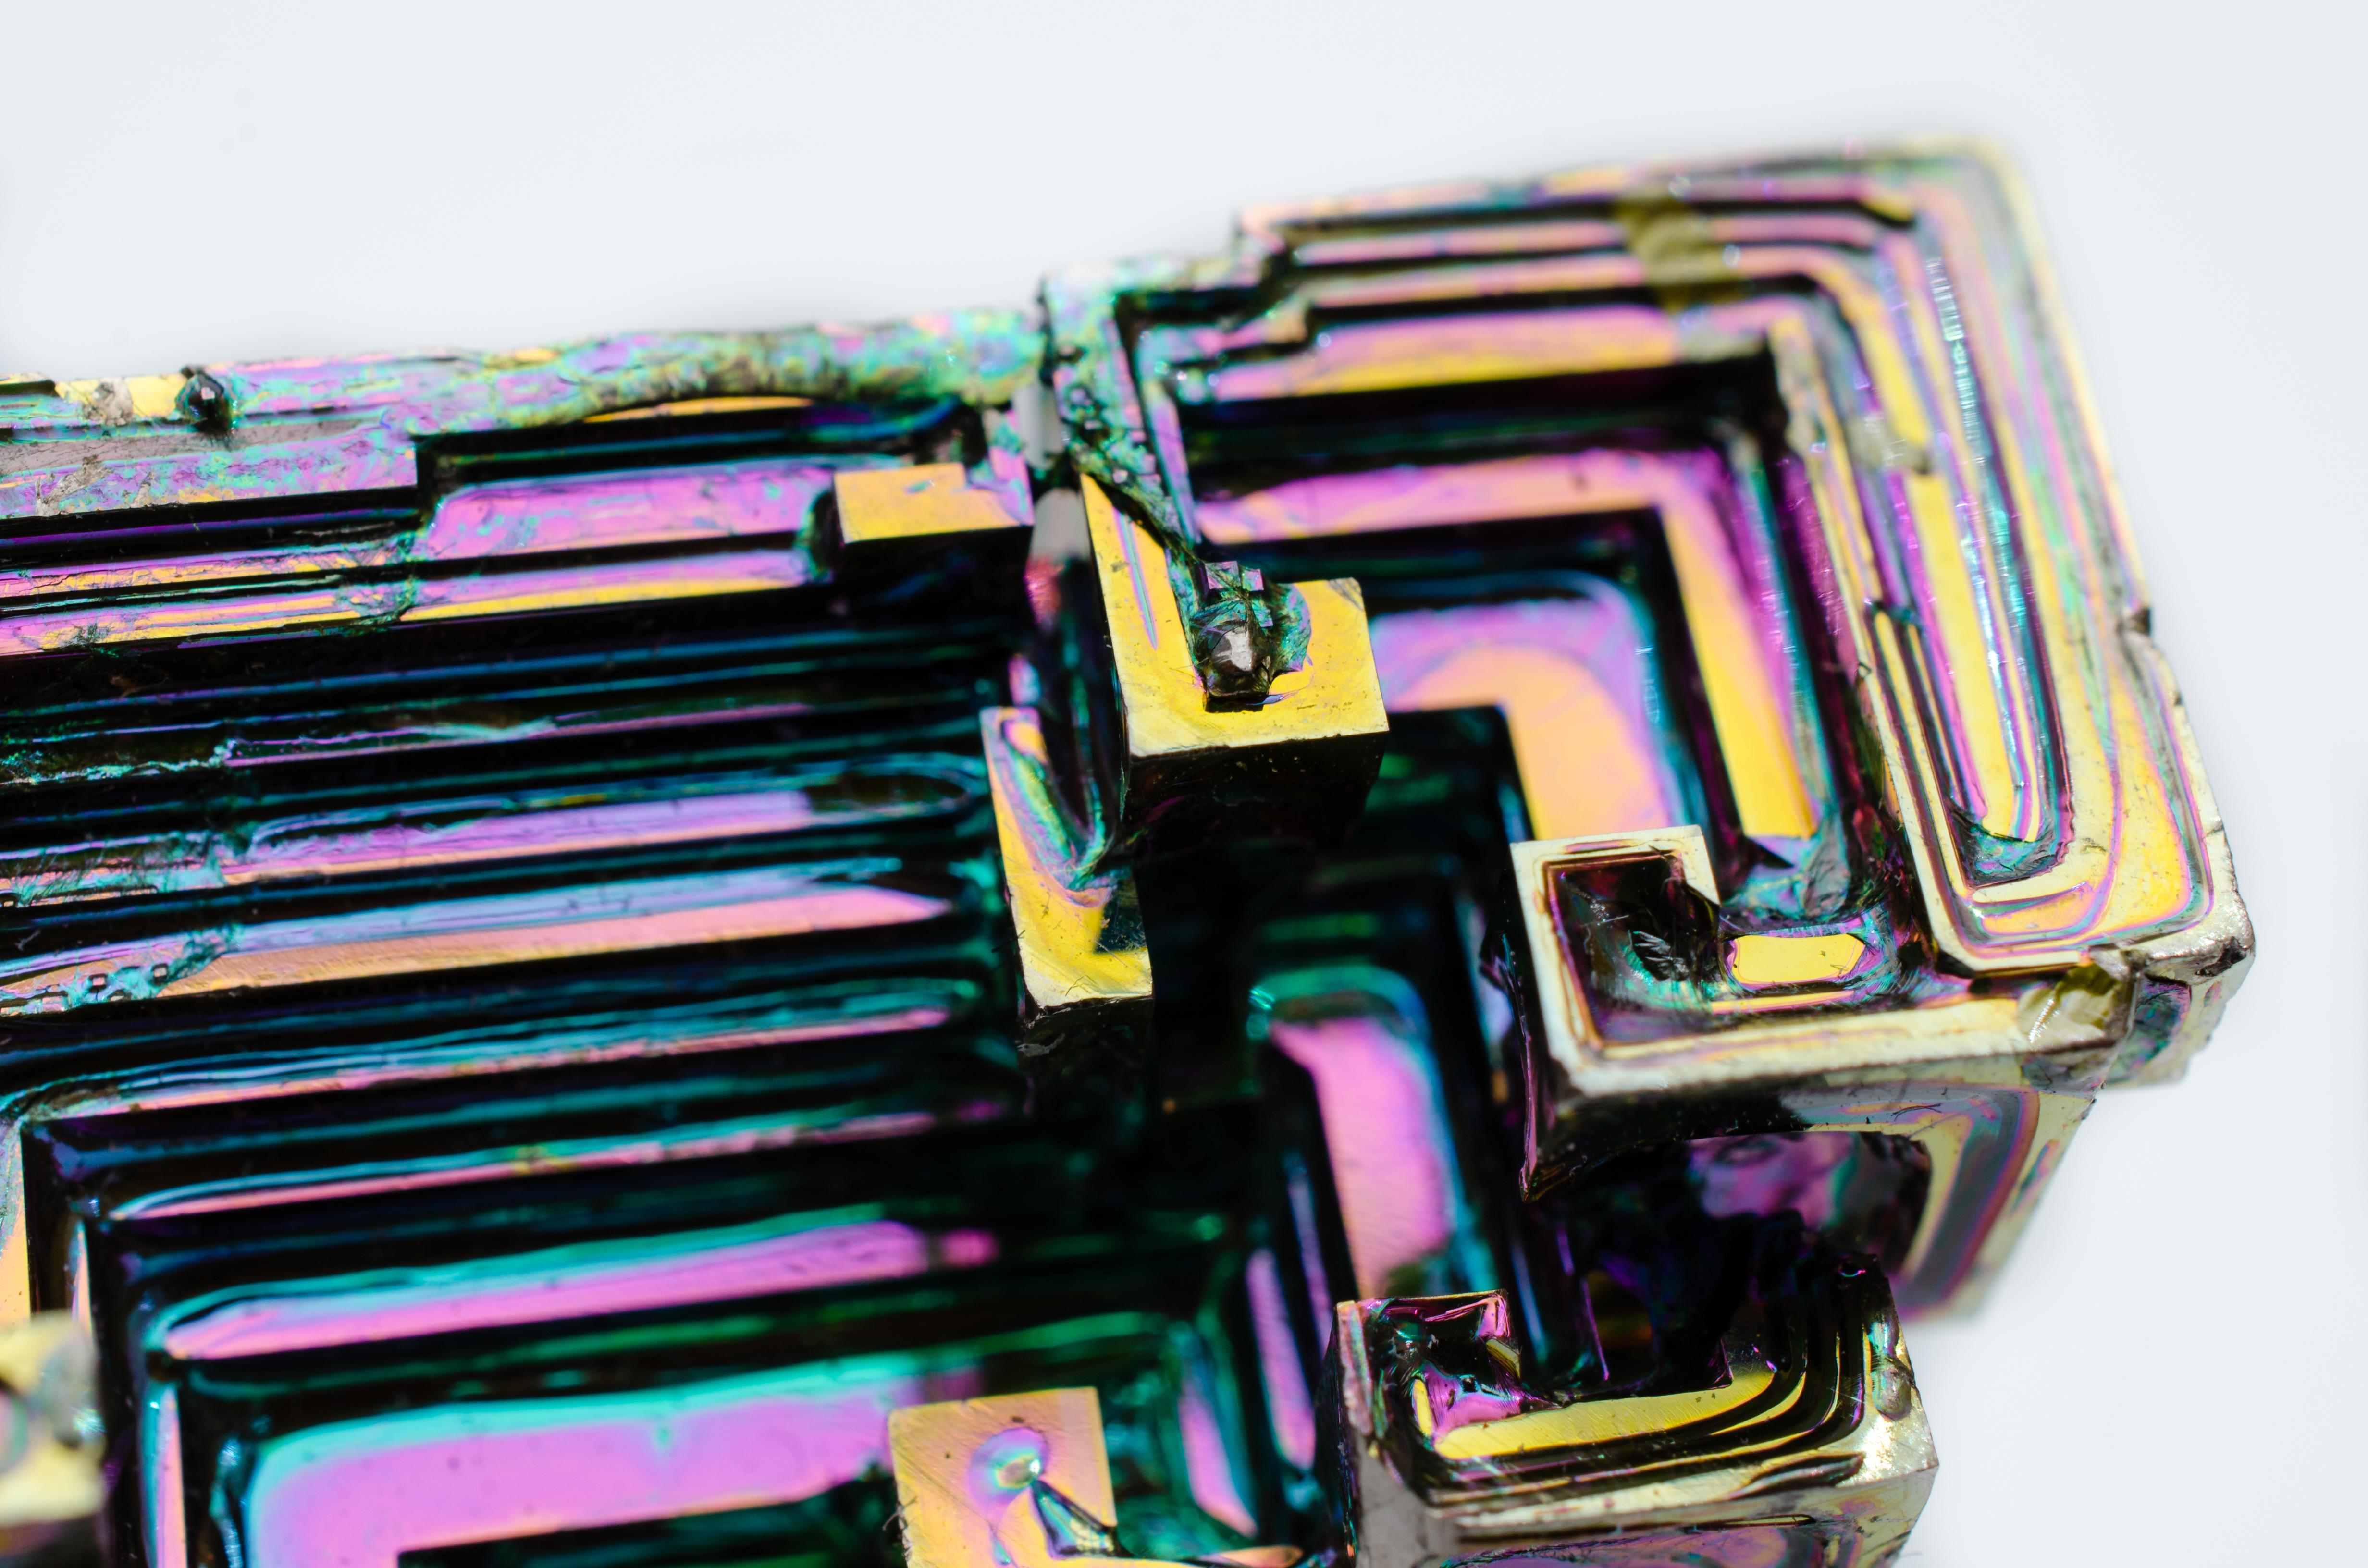 Kostenlose foto : lila, Farbe, Kunst, Mode-Zubehör 4928x3264 ...